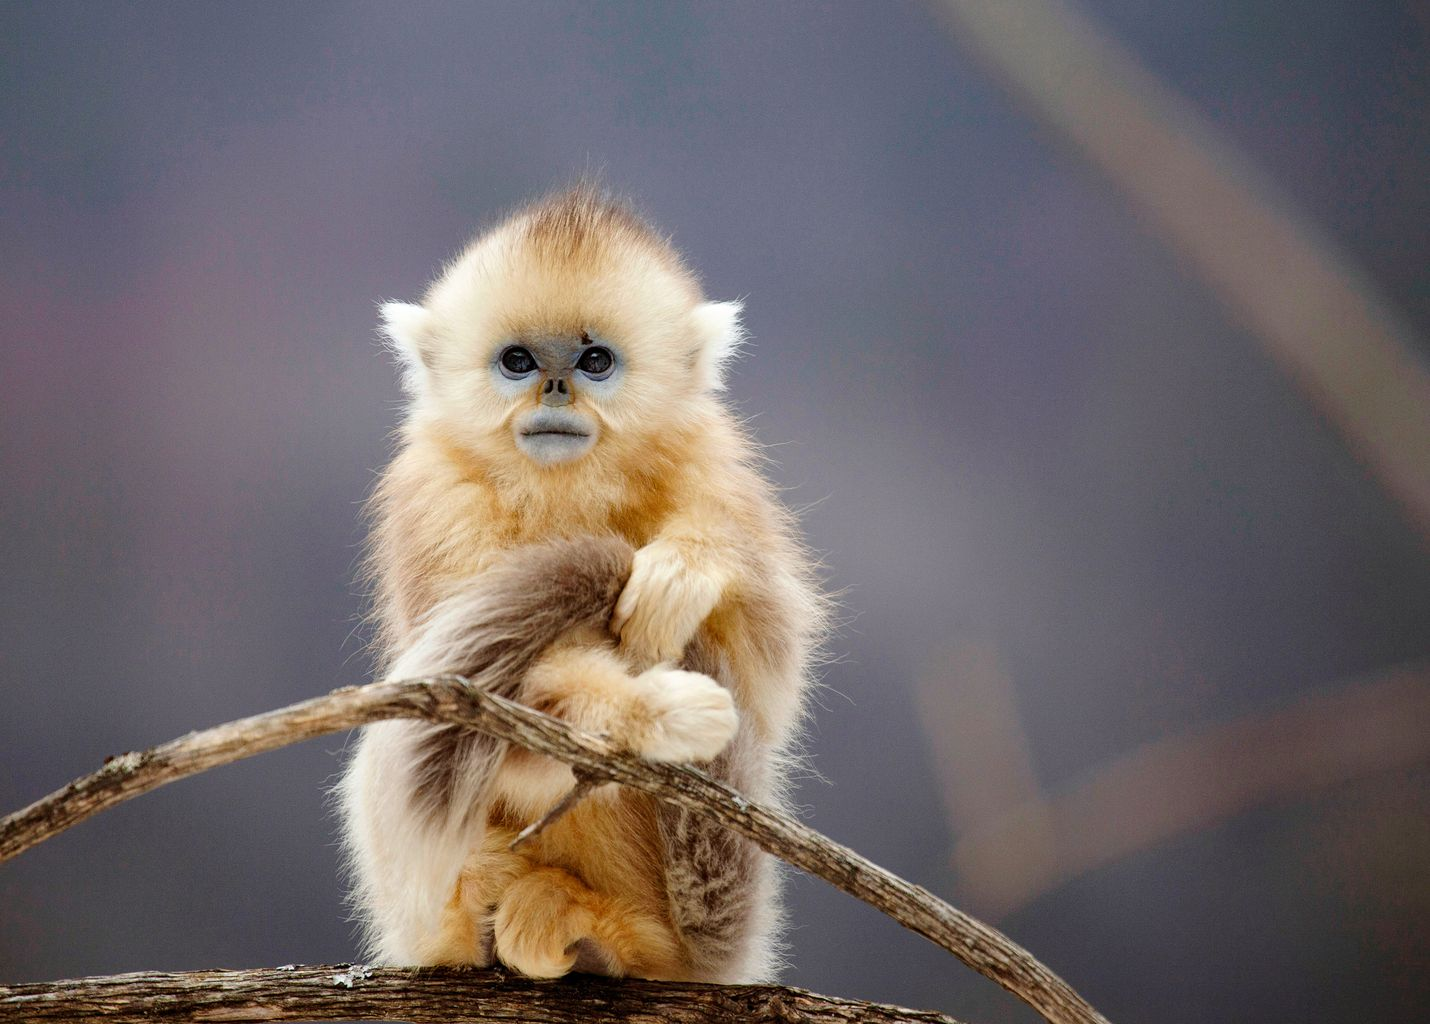 BBC:n näyttävässä sarjassa matkataan maanosasta toiseen ja tutustutaan niiden ainutlaatuisiin maisemiin, kasvillisuuteen, ilmastoon ja eläimiin. Aasia-jaksossa orpo lumiapinan poikanen koittaa selviytyä kylmyydessä Kiinan syrjäisissä vuoristometsissä.